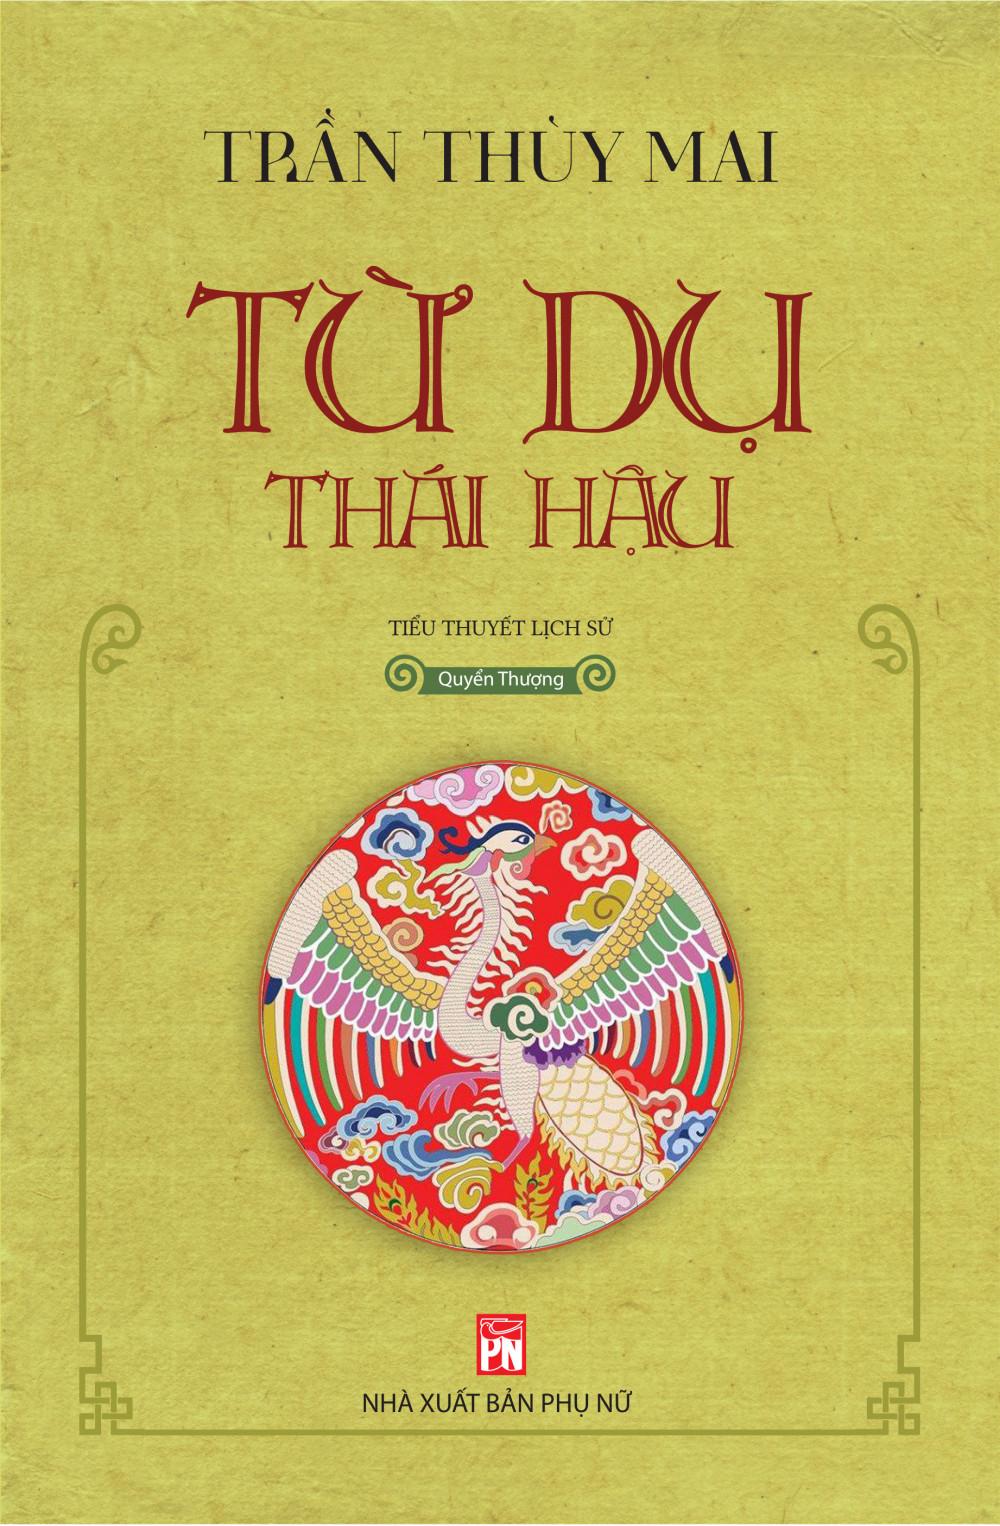 Từ Dụ thái hậu của nhà văn Trần Thùy Mai